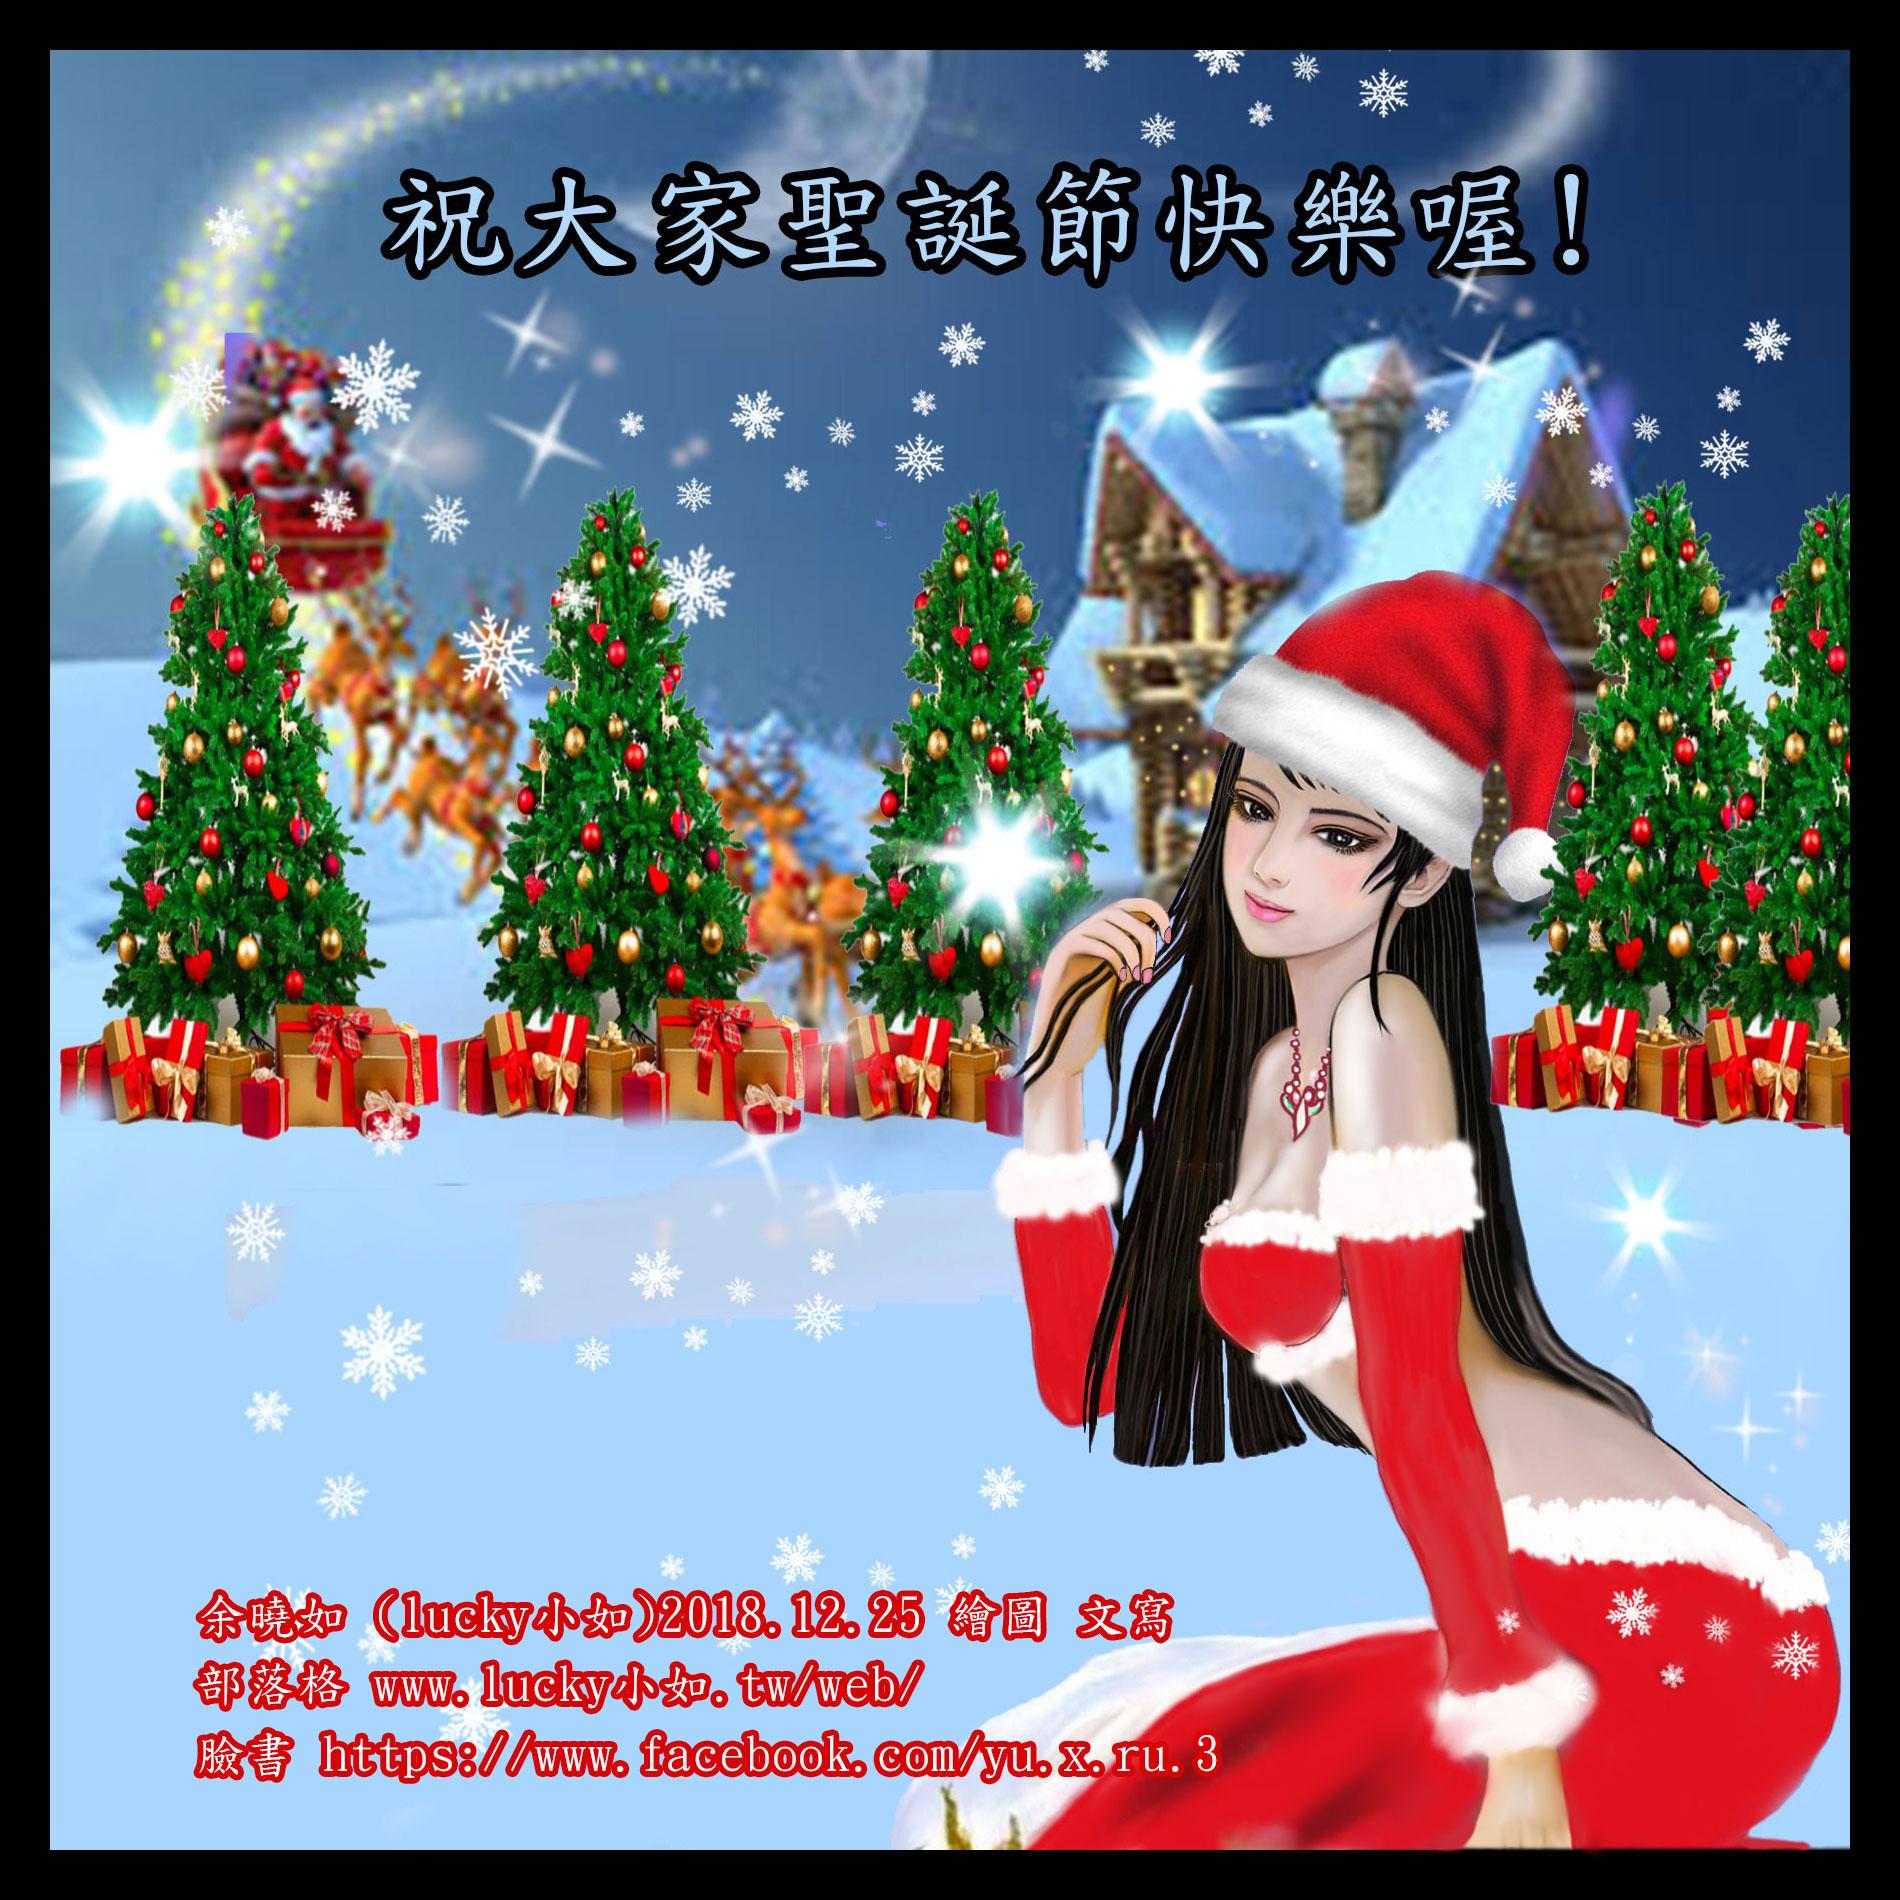 今天是聖誕節~雖然好忙喔! 但還是 很高興 畫個圖~ 祝大家聖誕節快樂喔! .